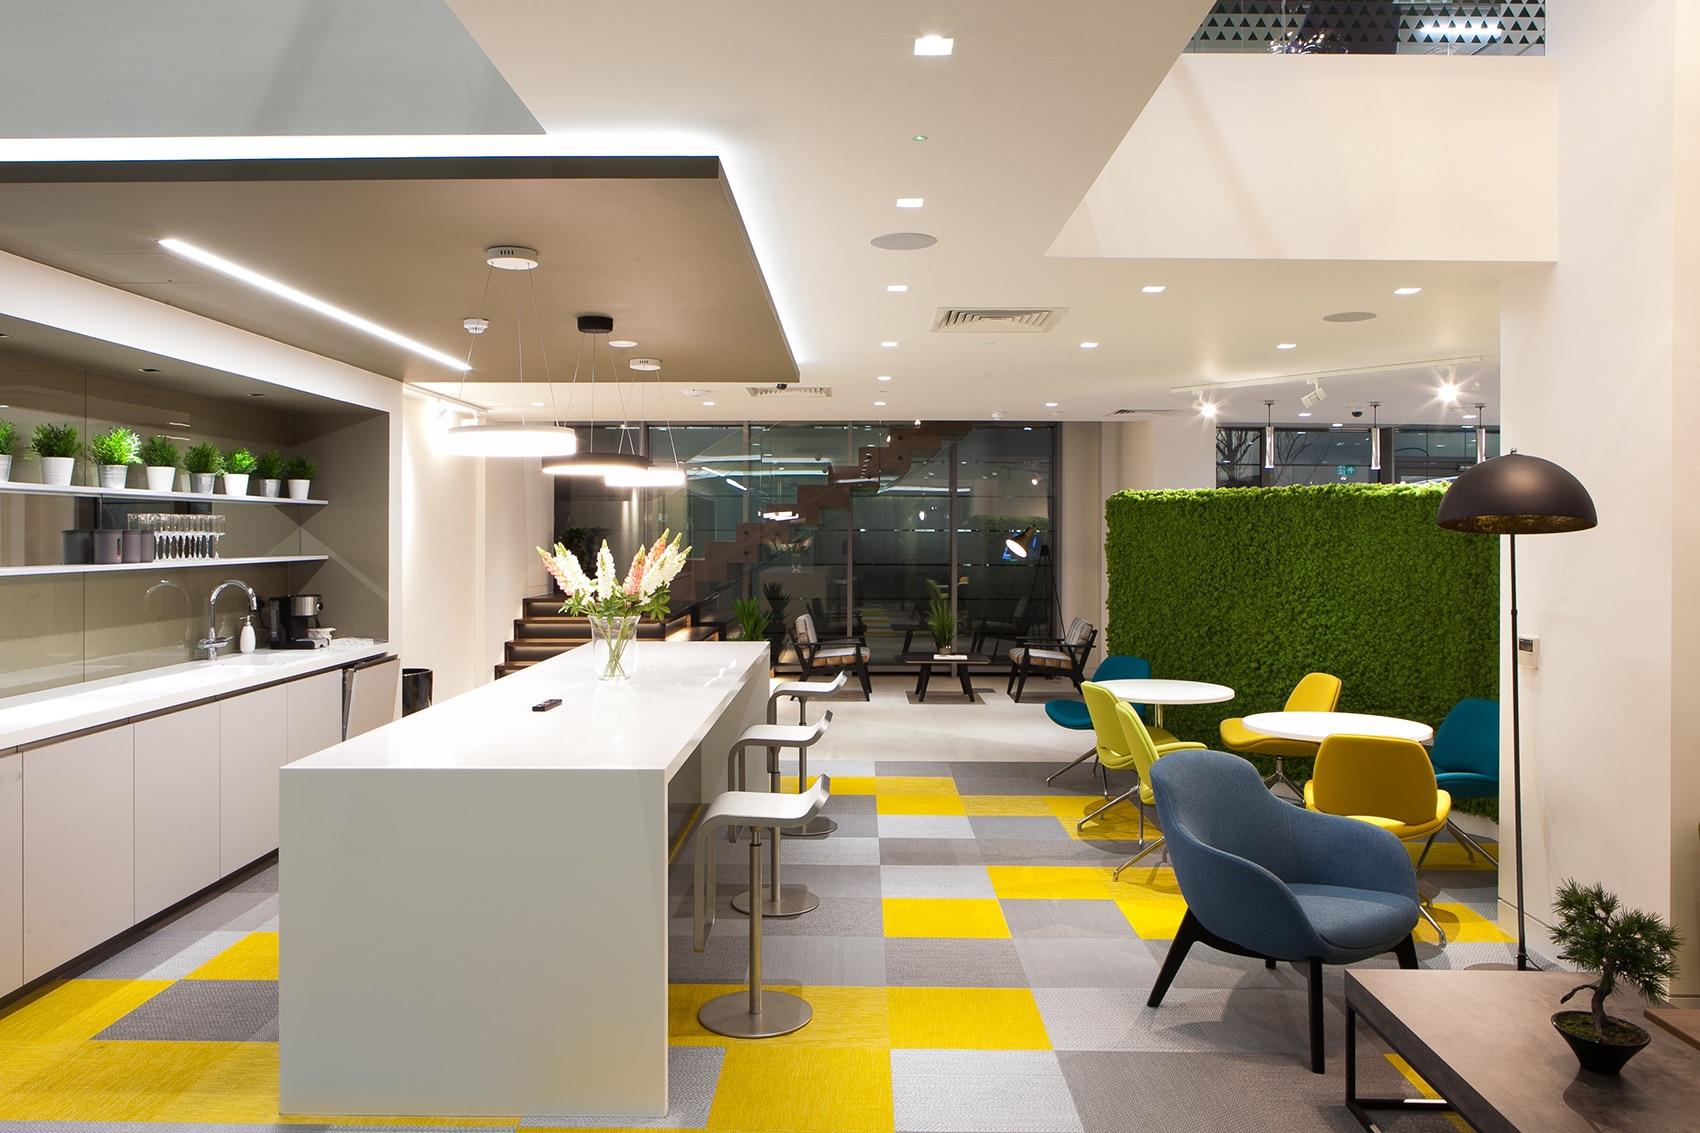 mdc-london-office-1